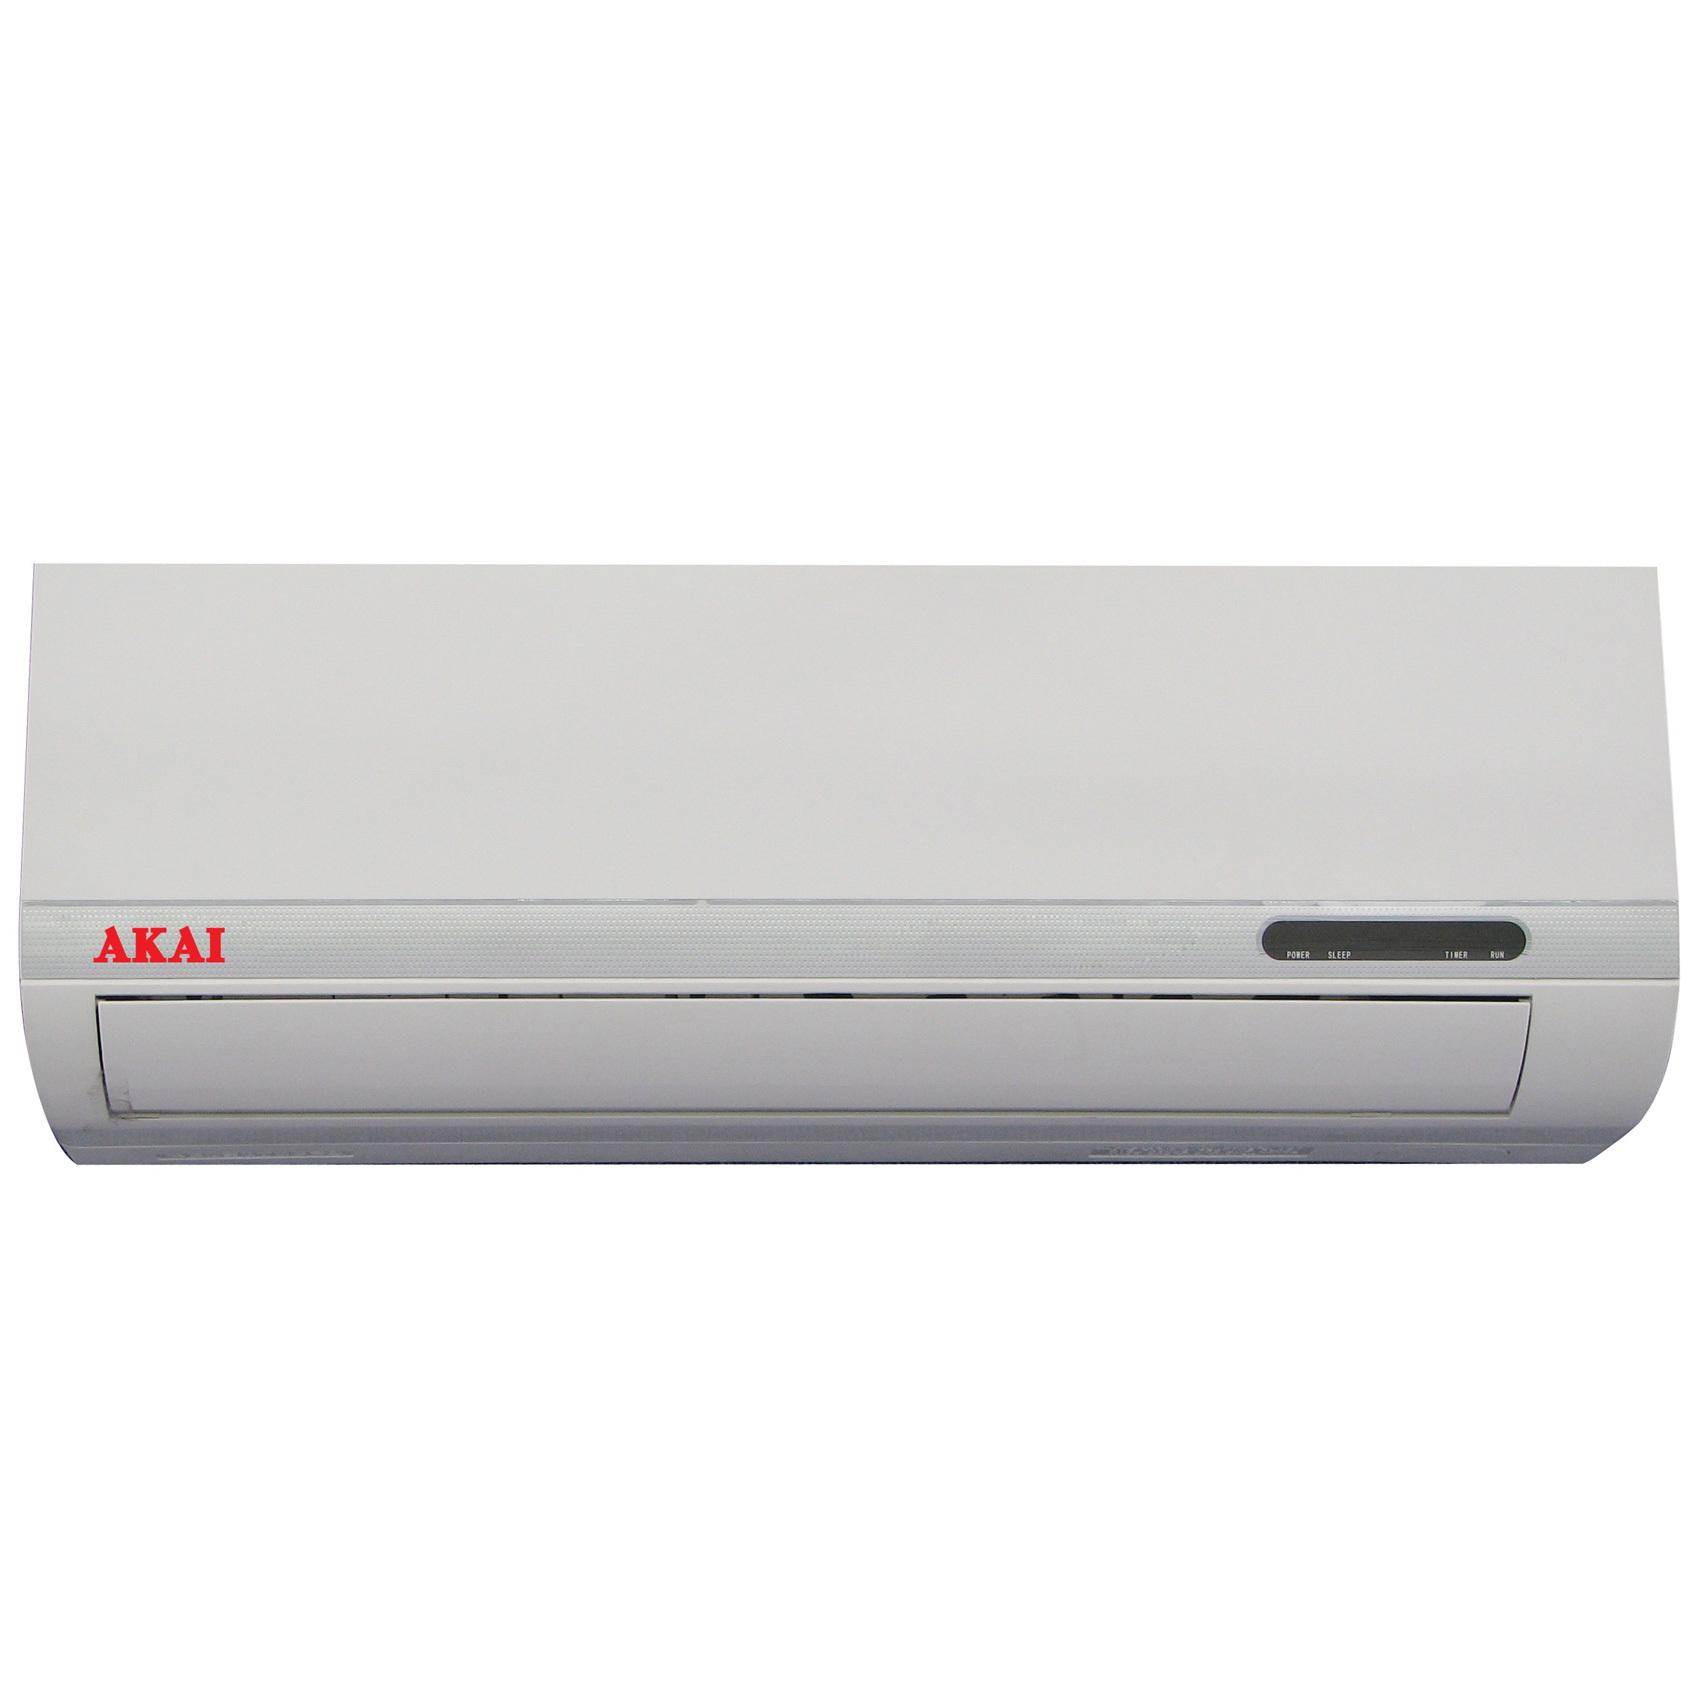 AKAI SPLIT A/C 1.5T ACMA1800ST3